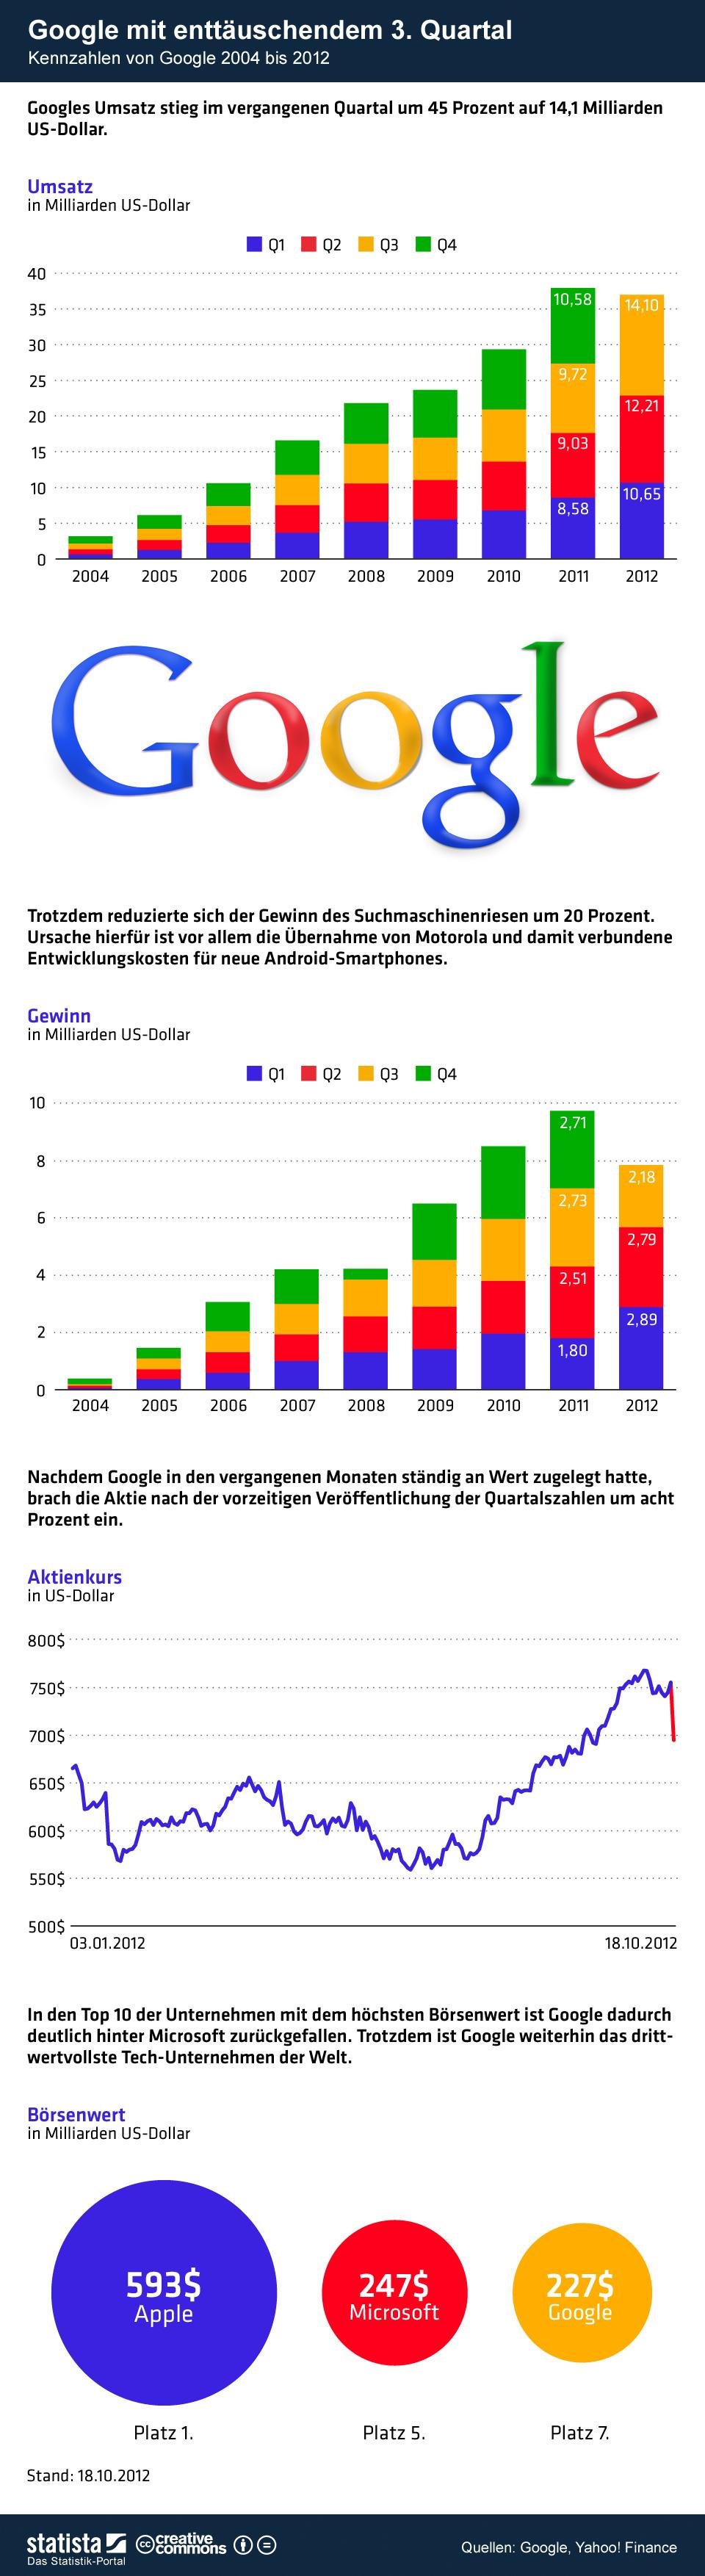 Infografik: Google mit enttäuschendem 3. Quartal    Statista